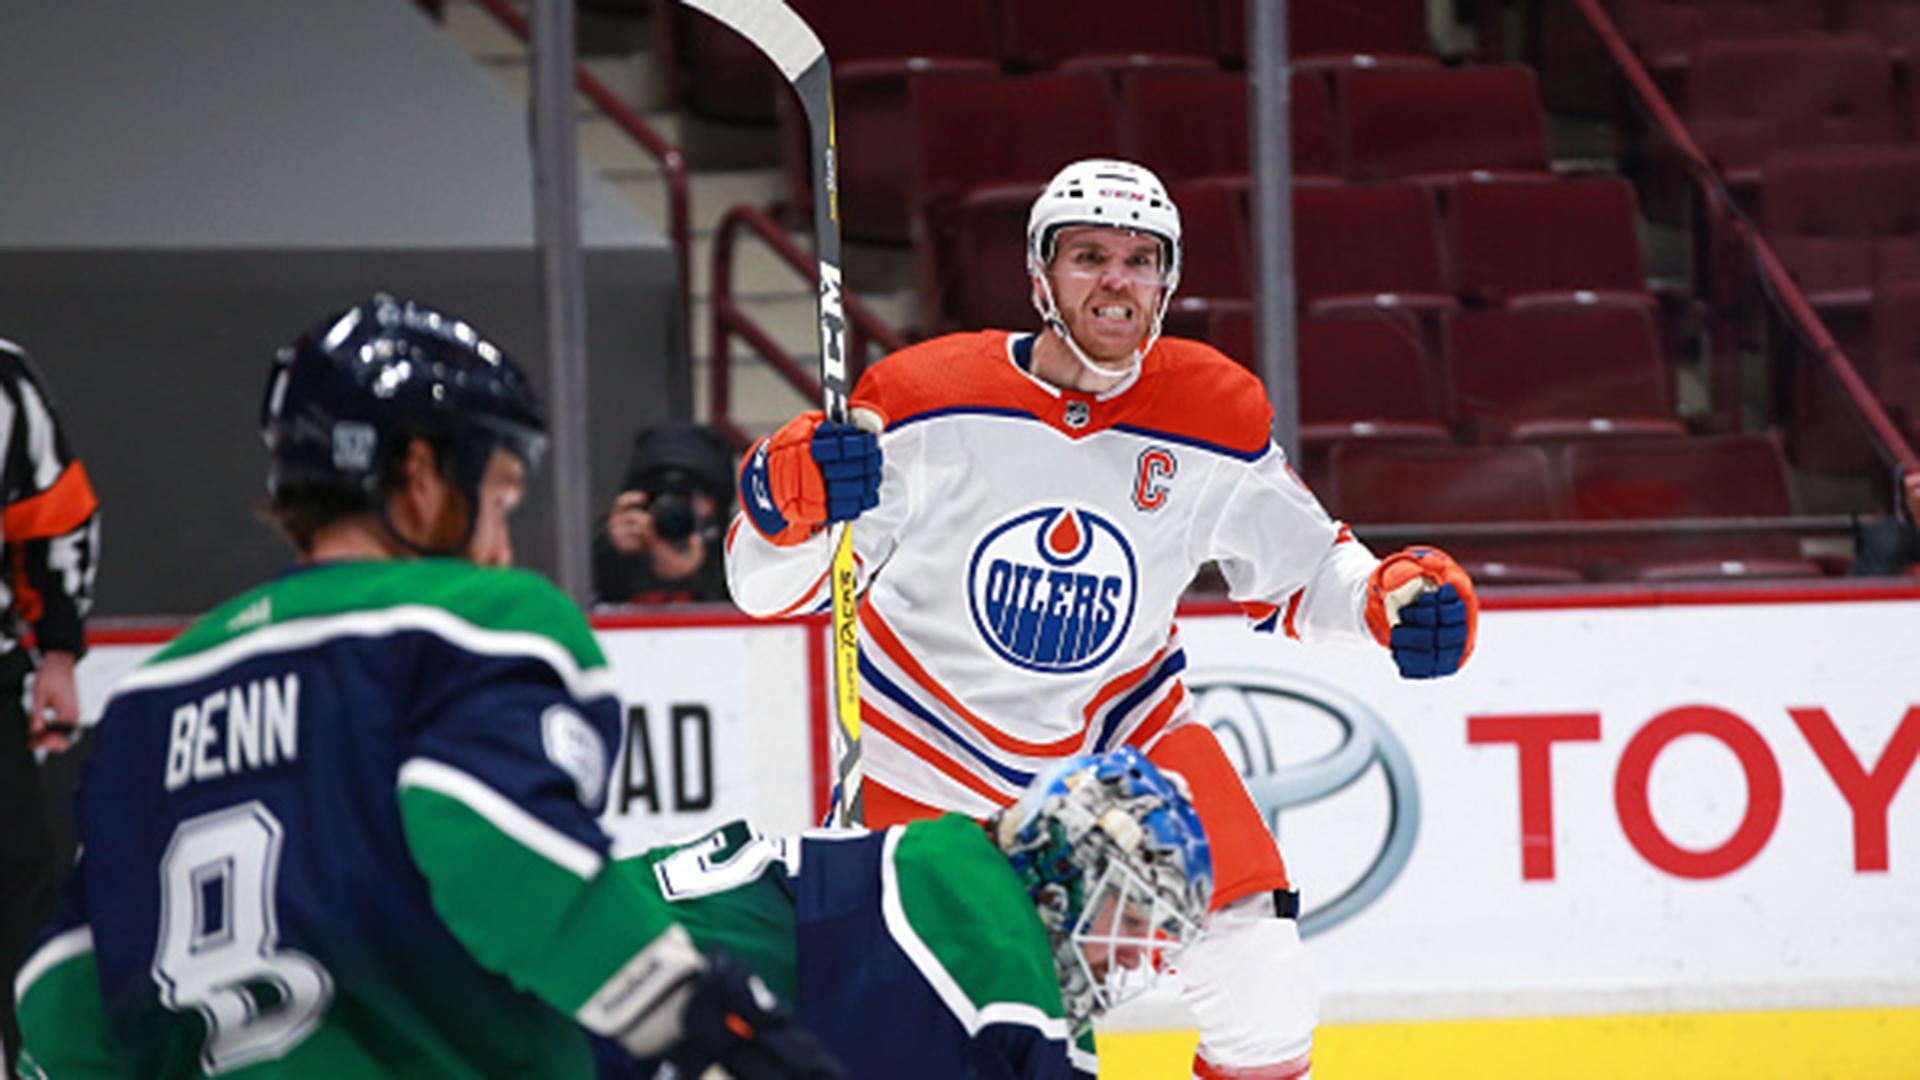 NHL: Oilers 4, Canucks 3